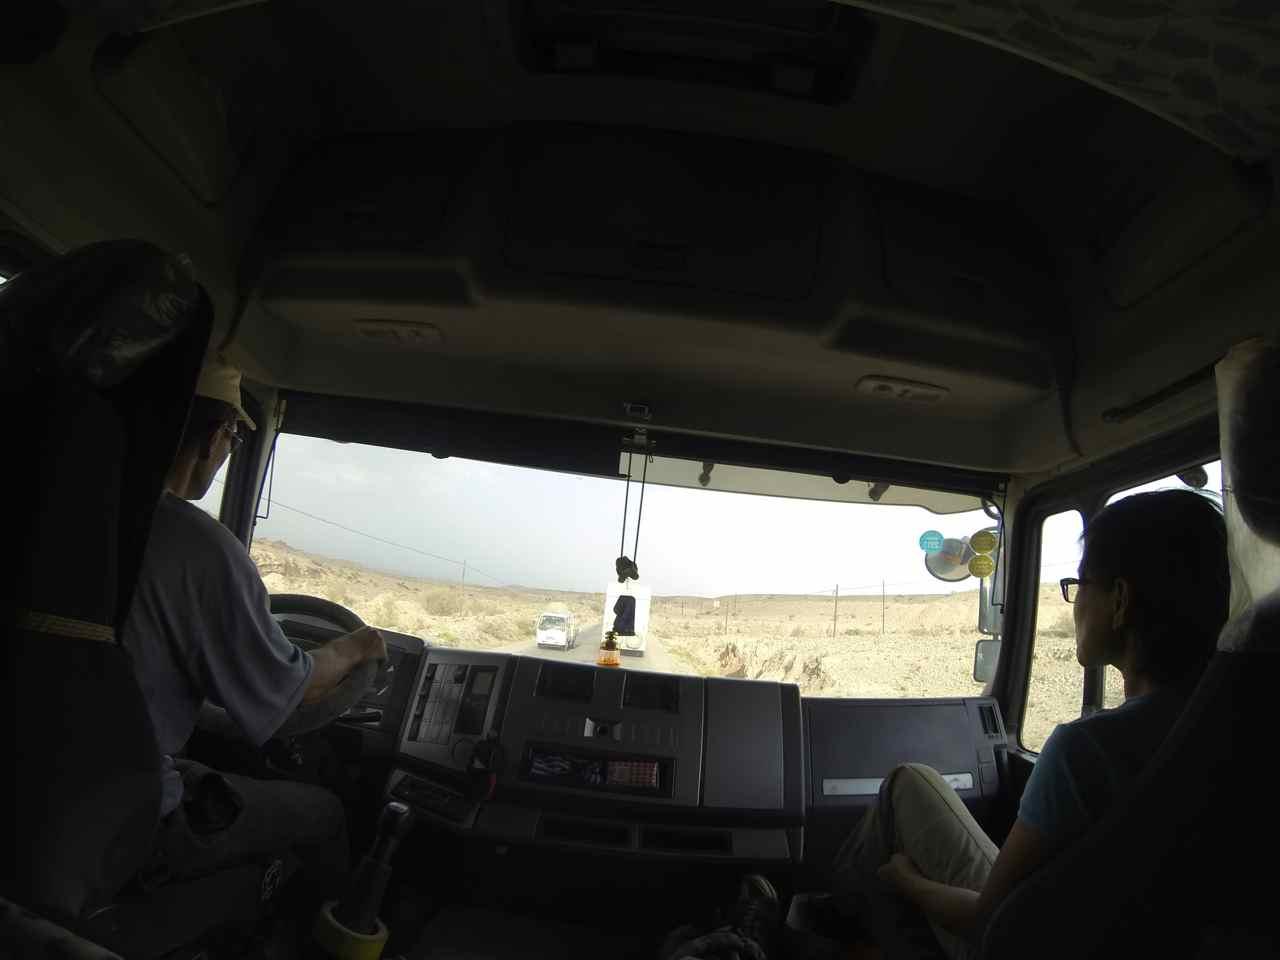 รถบรรทุกคันที่สองที่สะอาดกว่าและโจคิมนั่งได้สบายขึ้นมาหน่อย